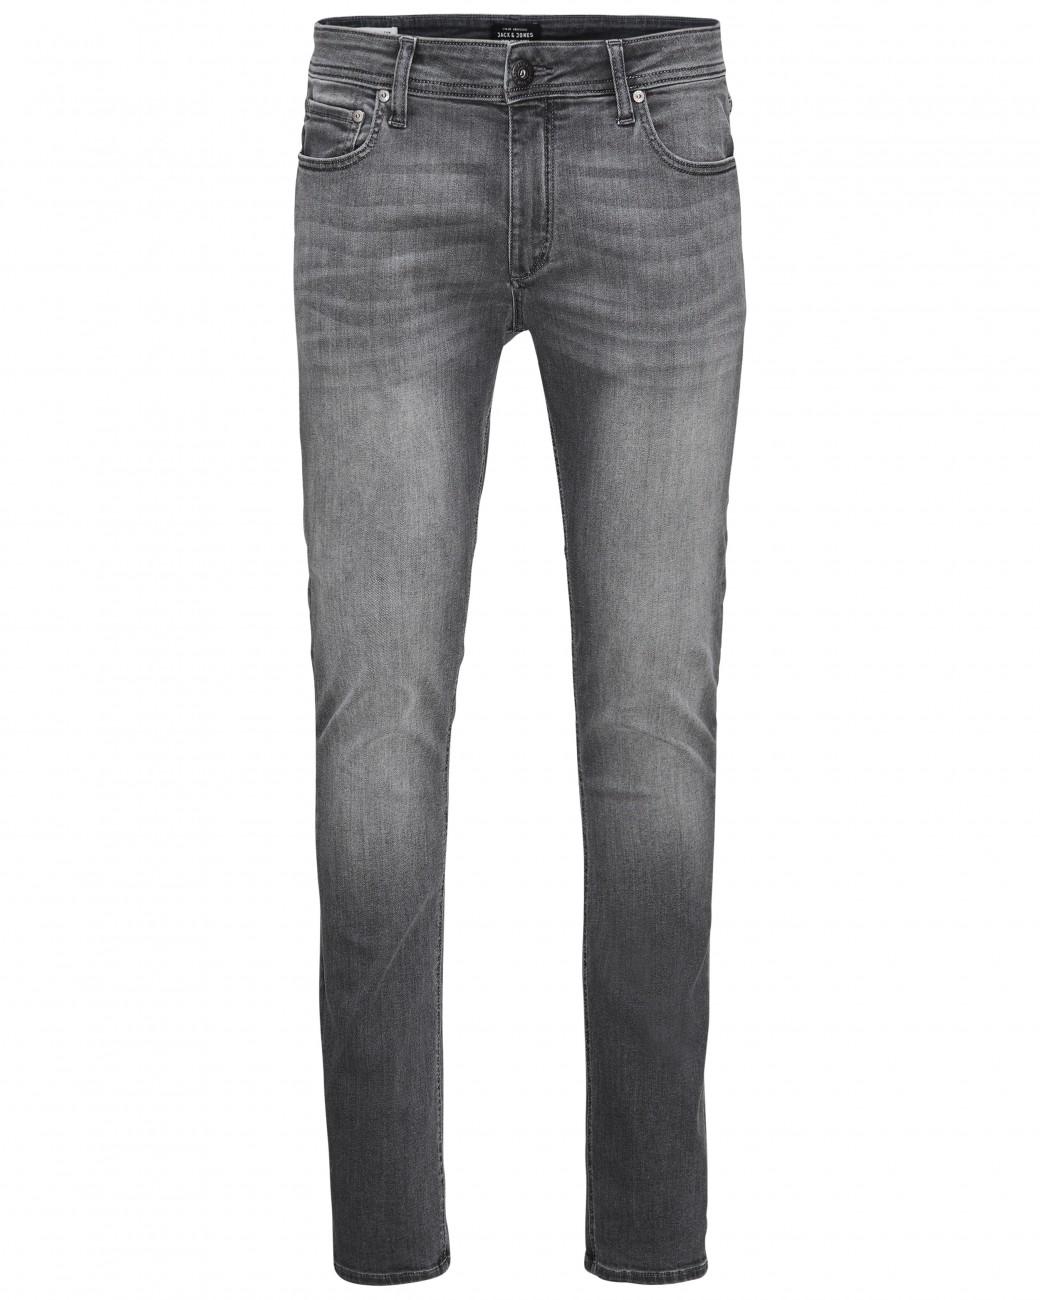 Jack   Jones Herren Jeans JJILIAM JJORIGINAL AM 010 LID - Skinny Fit - Grau  - 6867ac7028